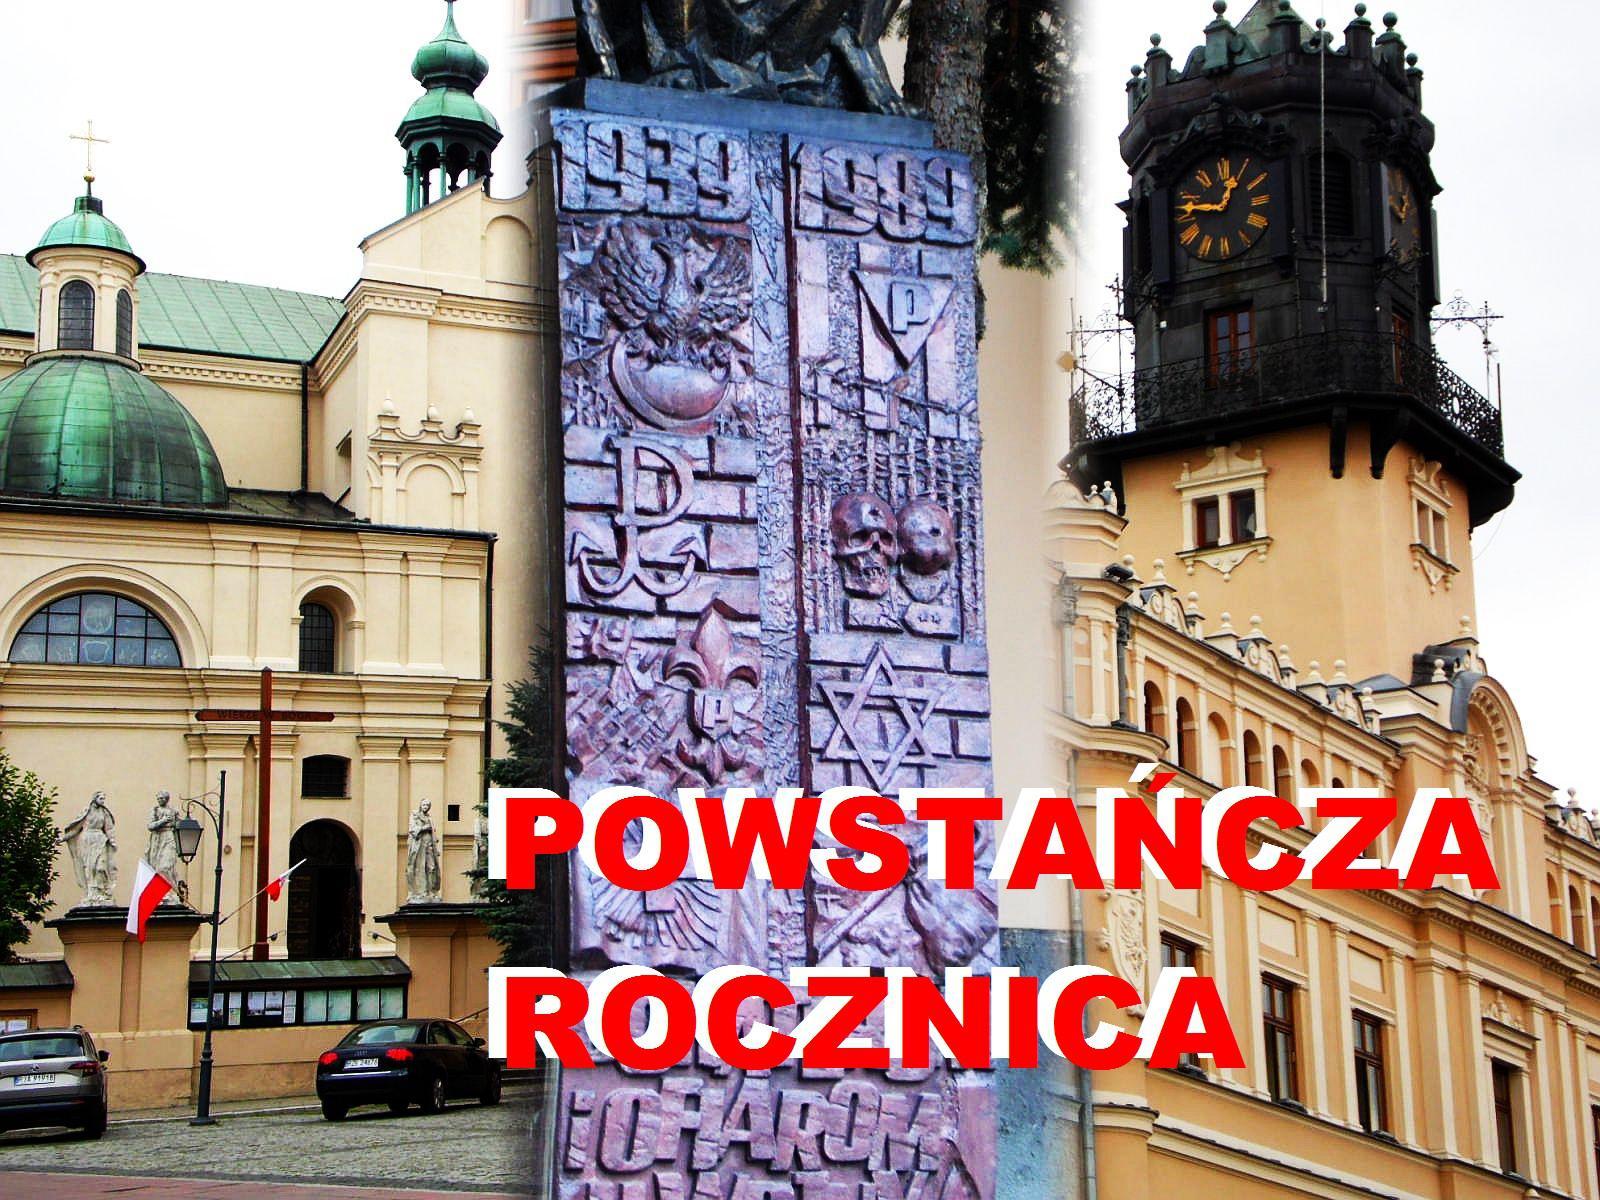 Tak Jarosław uczcił powstańczą rocznicę